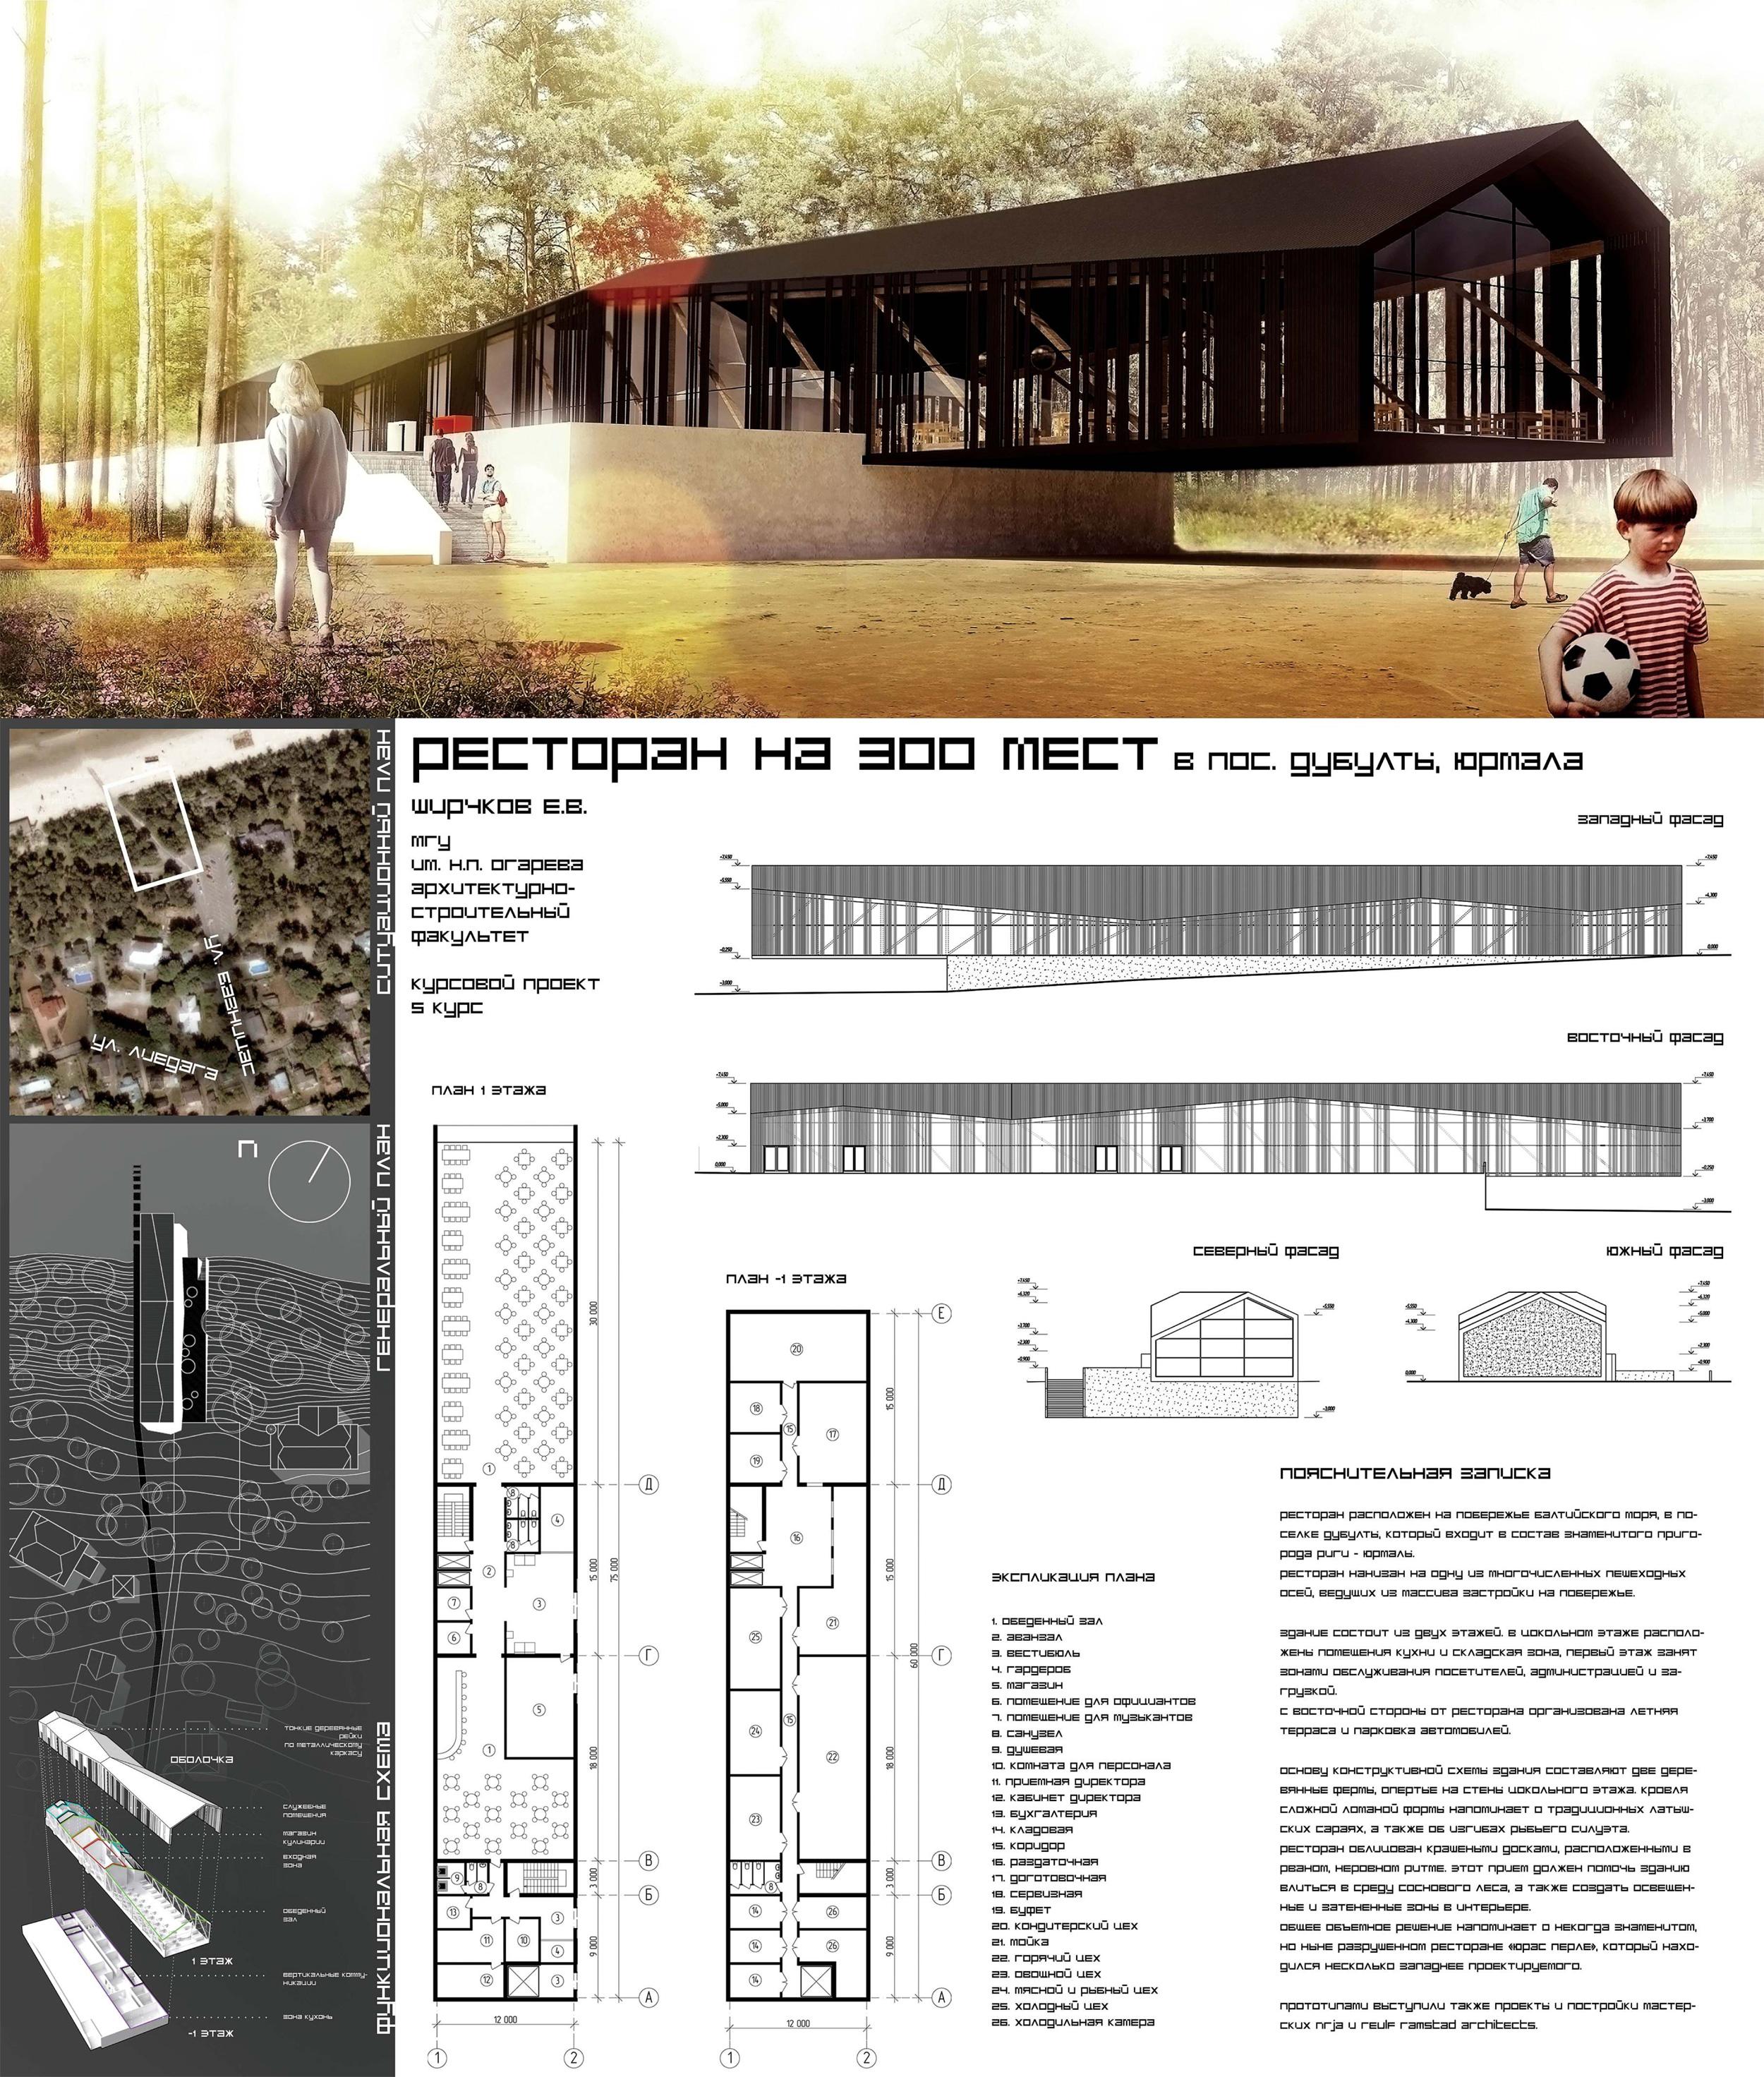 Ресторан на мест в п Дубулты Юрмала Архитектура и  Ресторан на 300 мест в п Дубулты Юрмала Автор Ширчков Е Проект